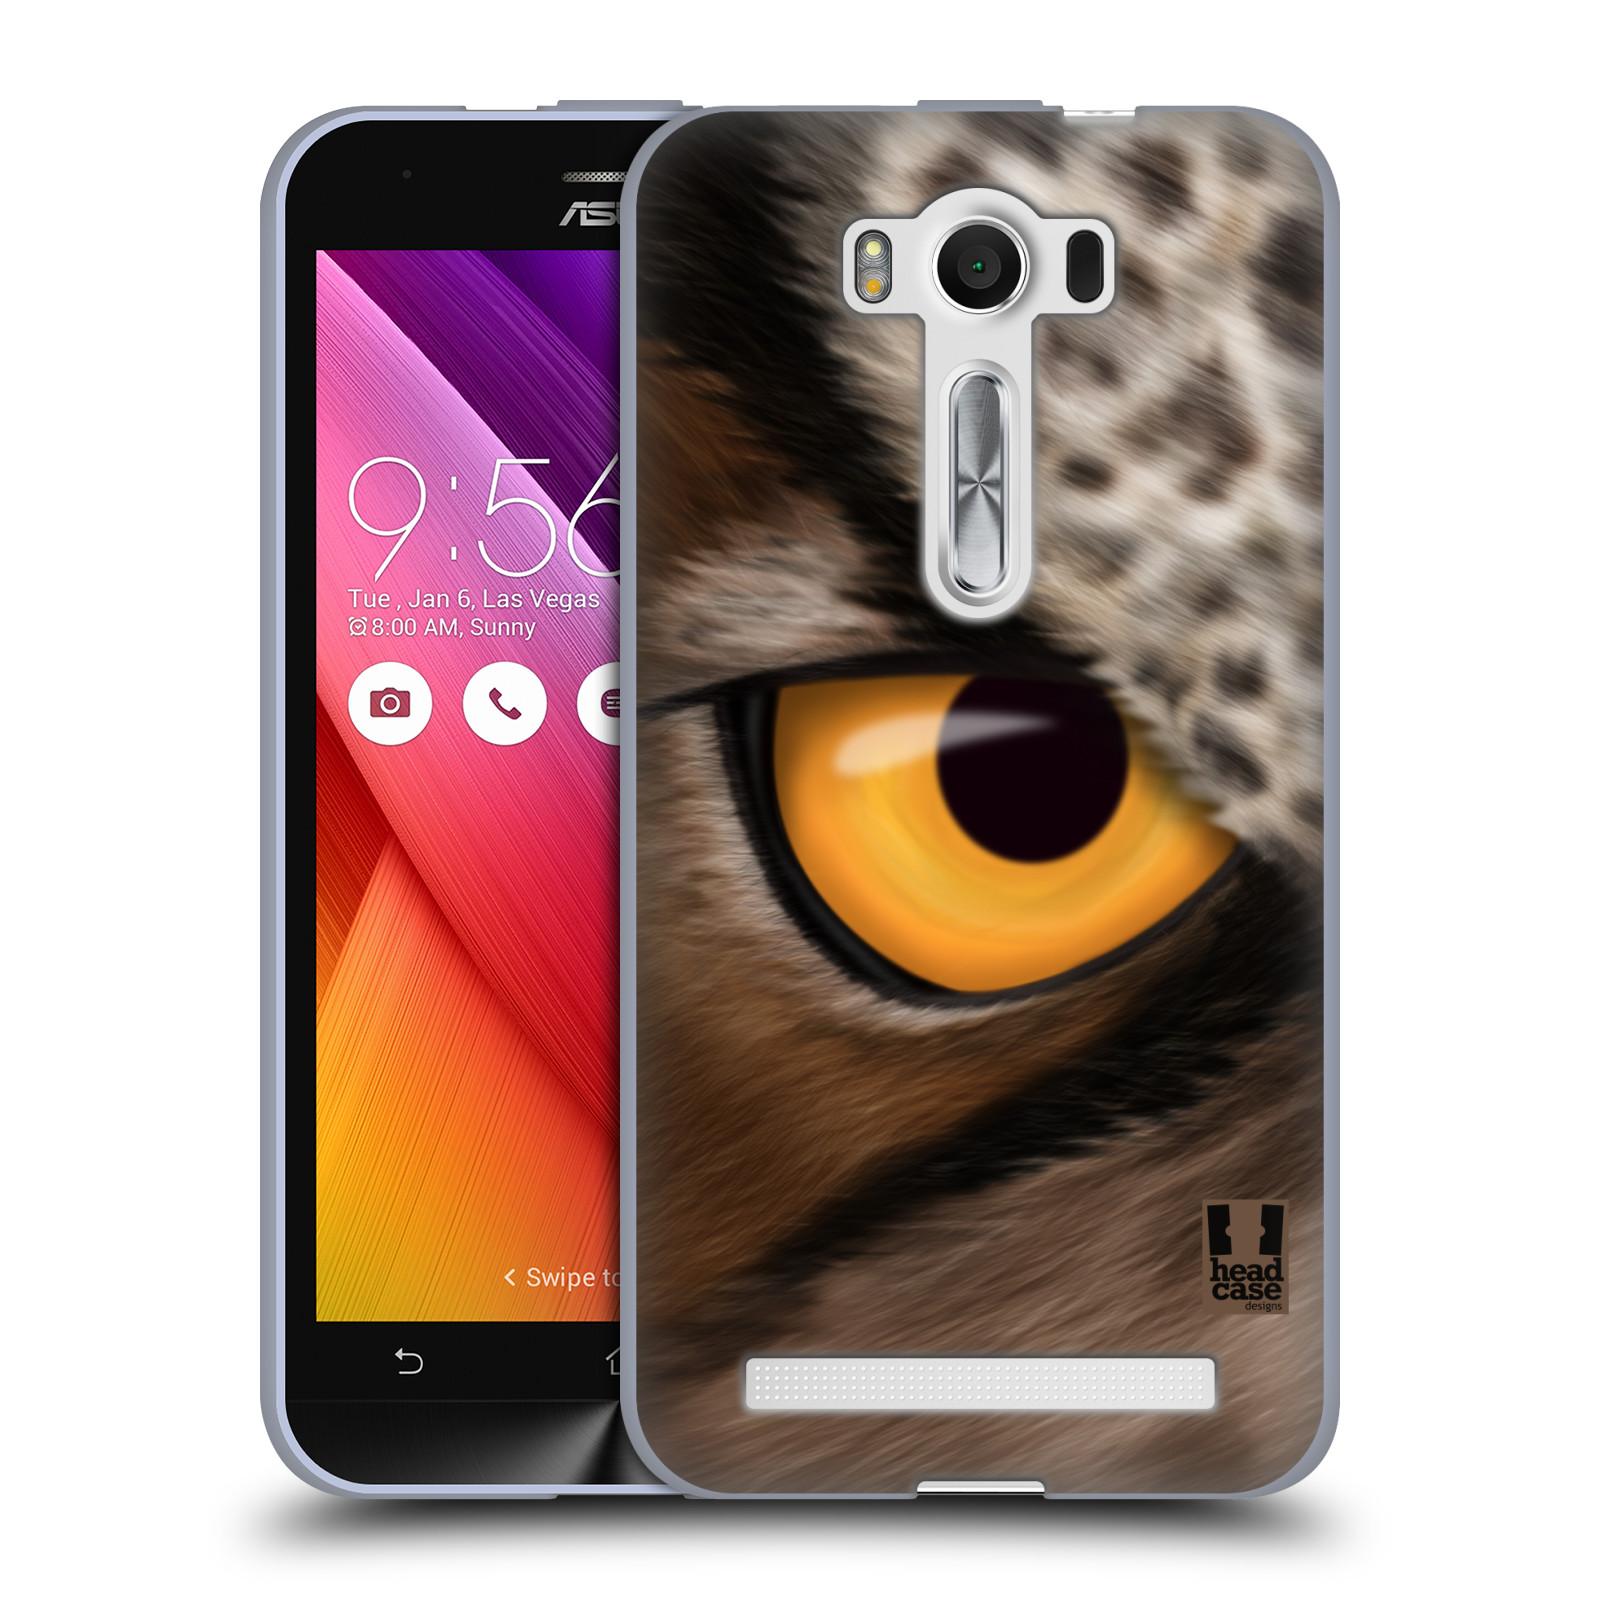 """HEAD CASE silikonový obal na mobil Asus Zenfone 2 LASER (ZE500KL s 5"""" displejem) vzor pohled zvířete oko sova"""